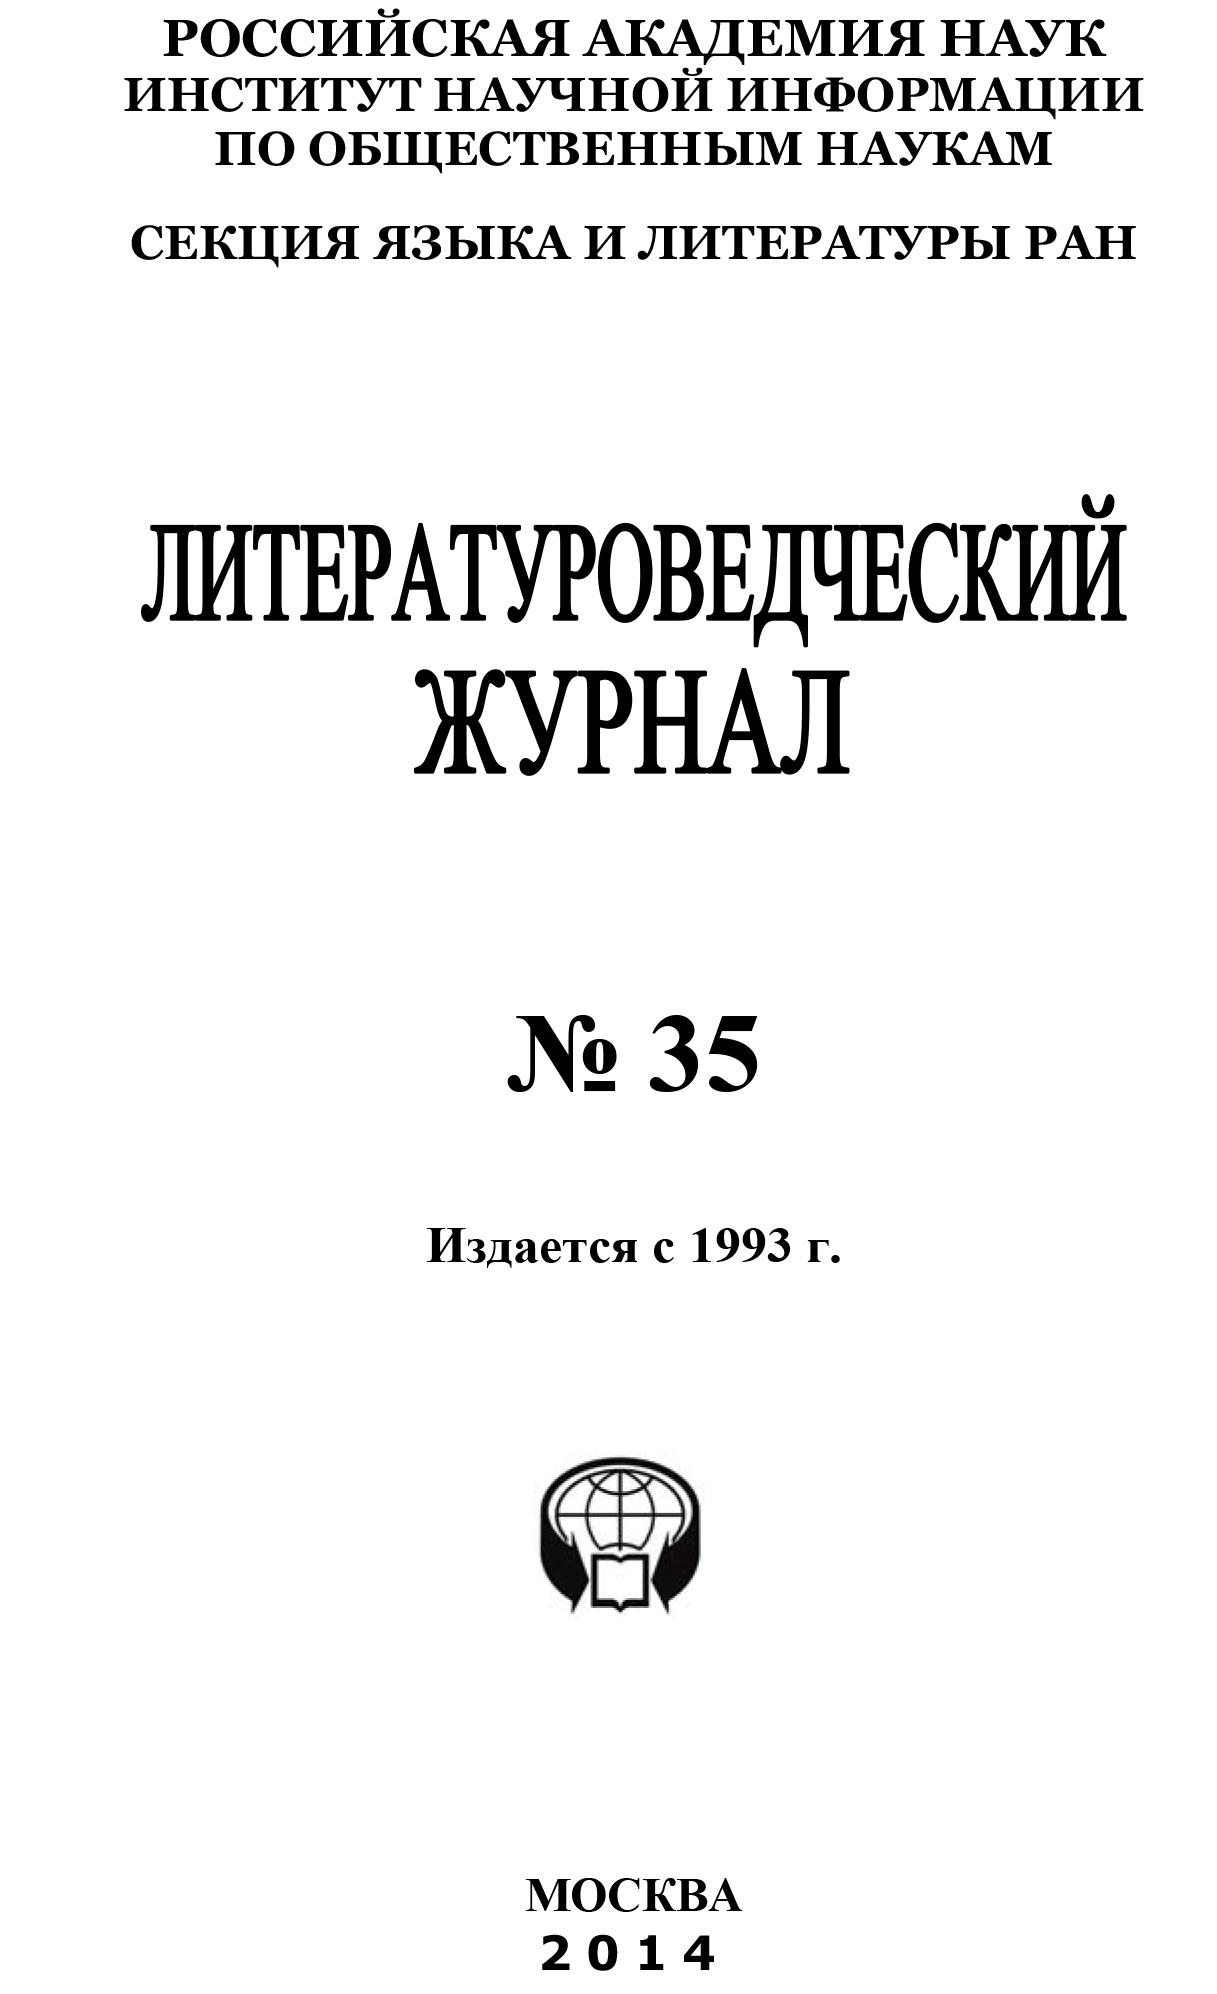 Литературоведческий журнал №35 / 2014